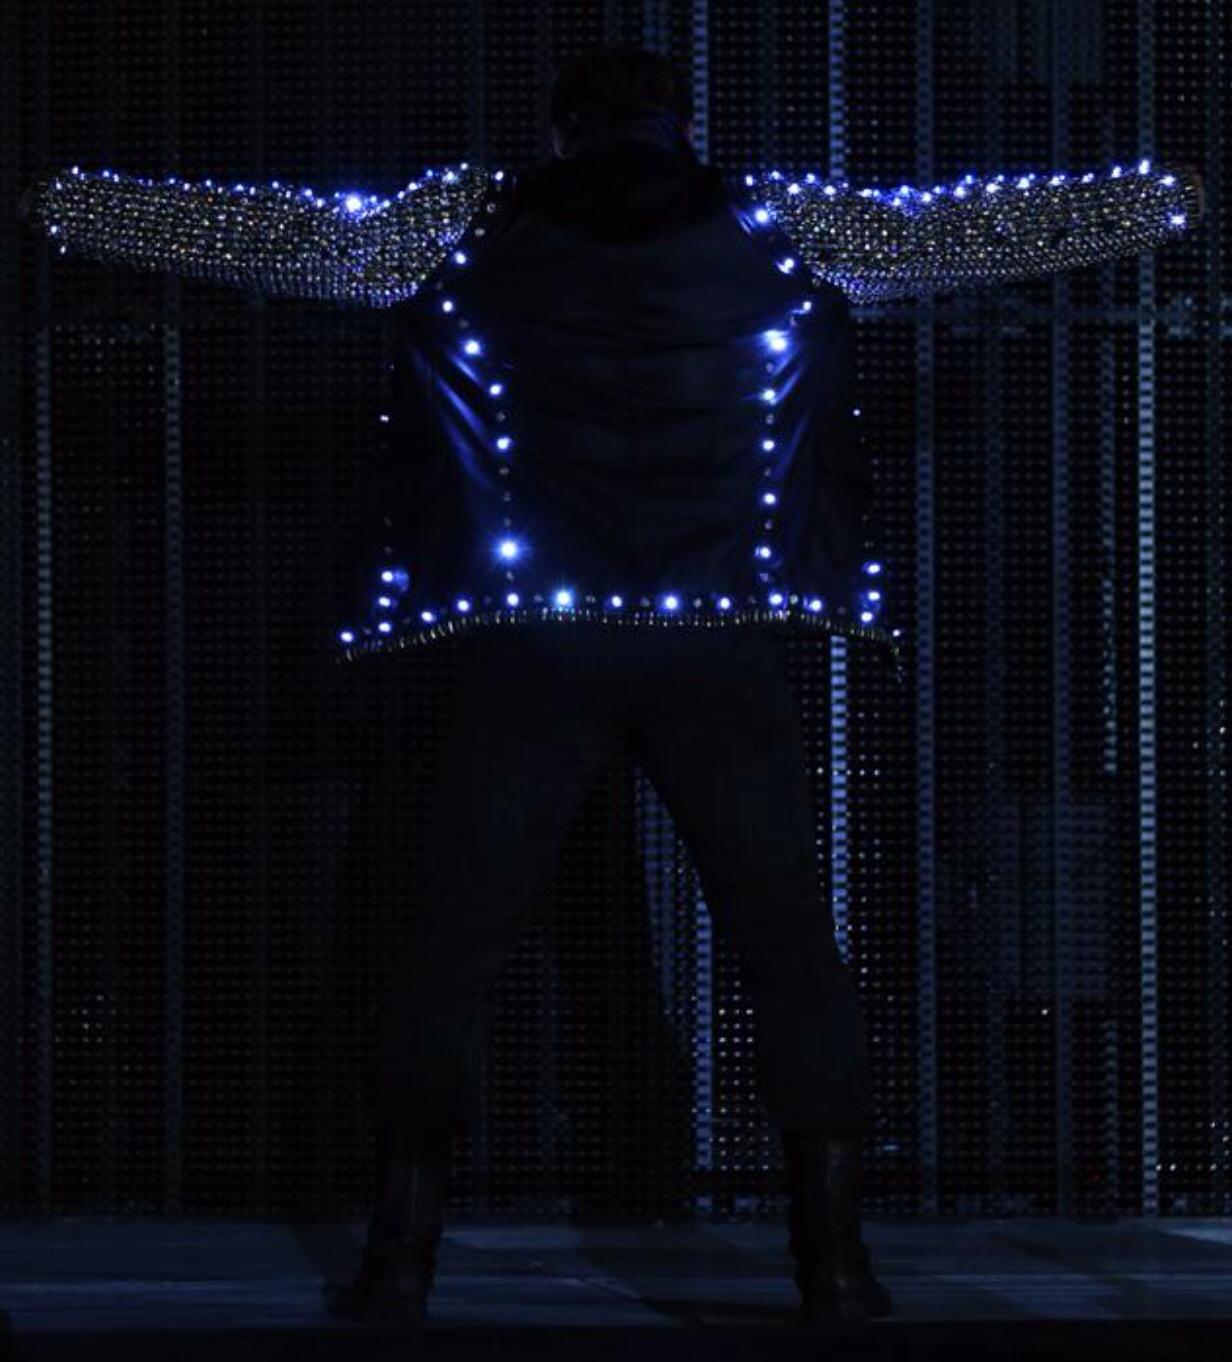 Chris Jericho Light Up Jacket - Jackets Maker